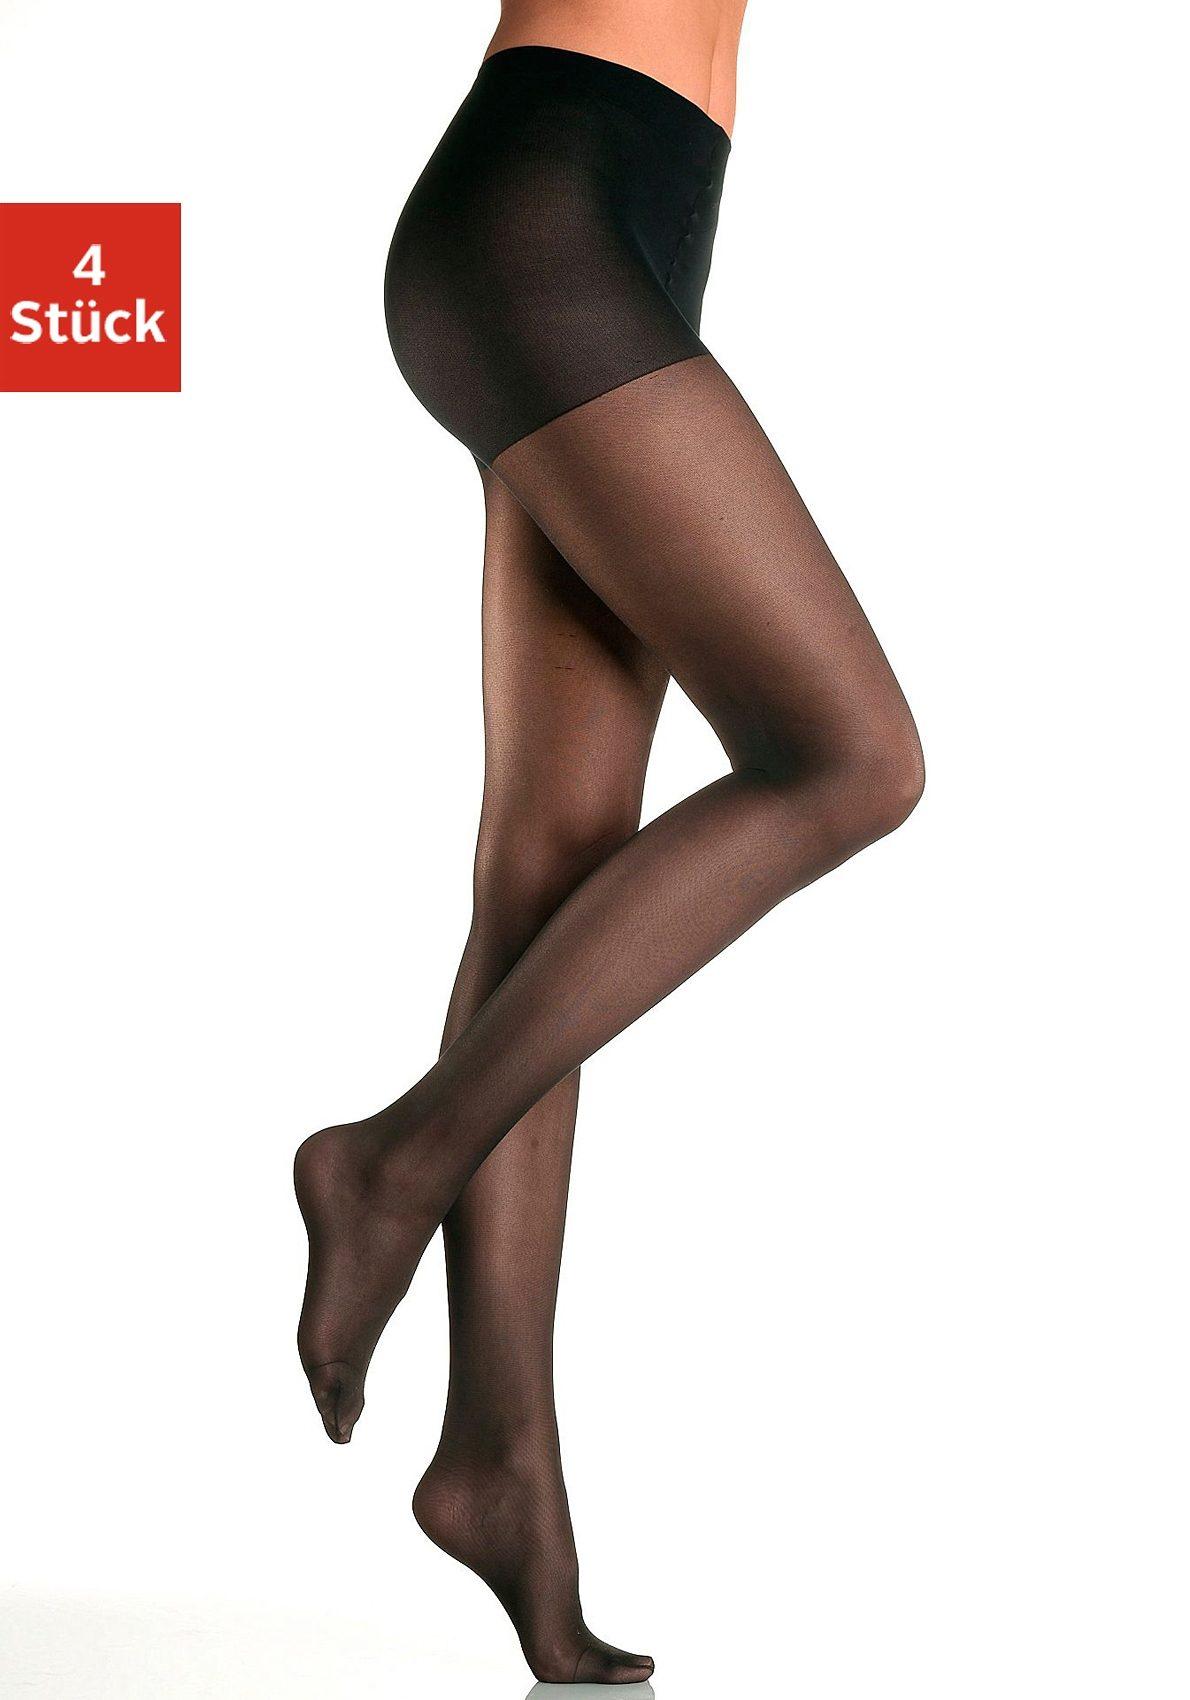 disée Stützstrumpfhose, 40 DEN, (4 St.), mit Formeffekt schwarz Damen Stützstrumpfhosen Strumpfhosen Damenwäsche Stützstrumpfhose